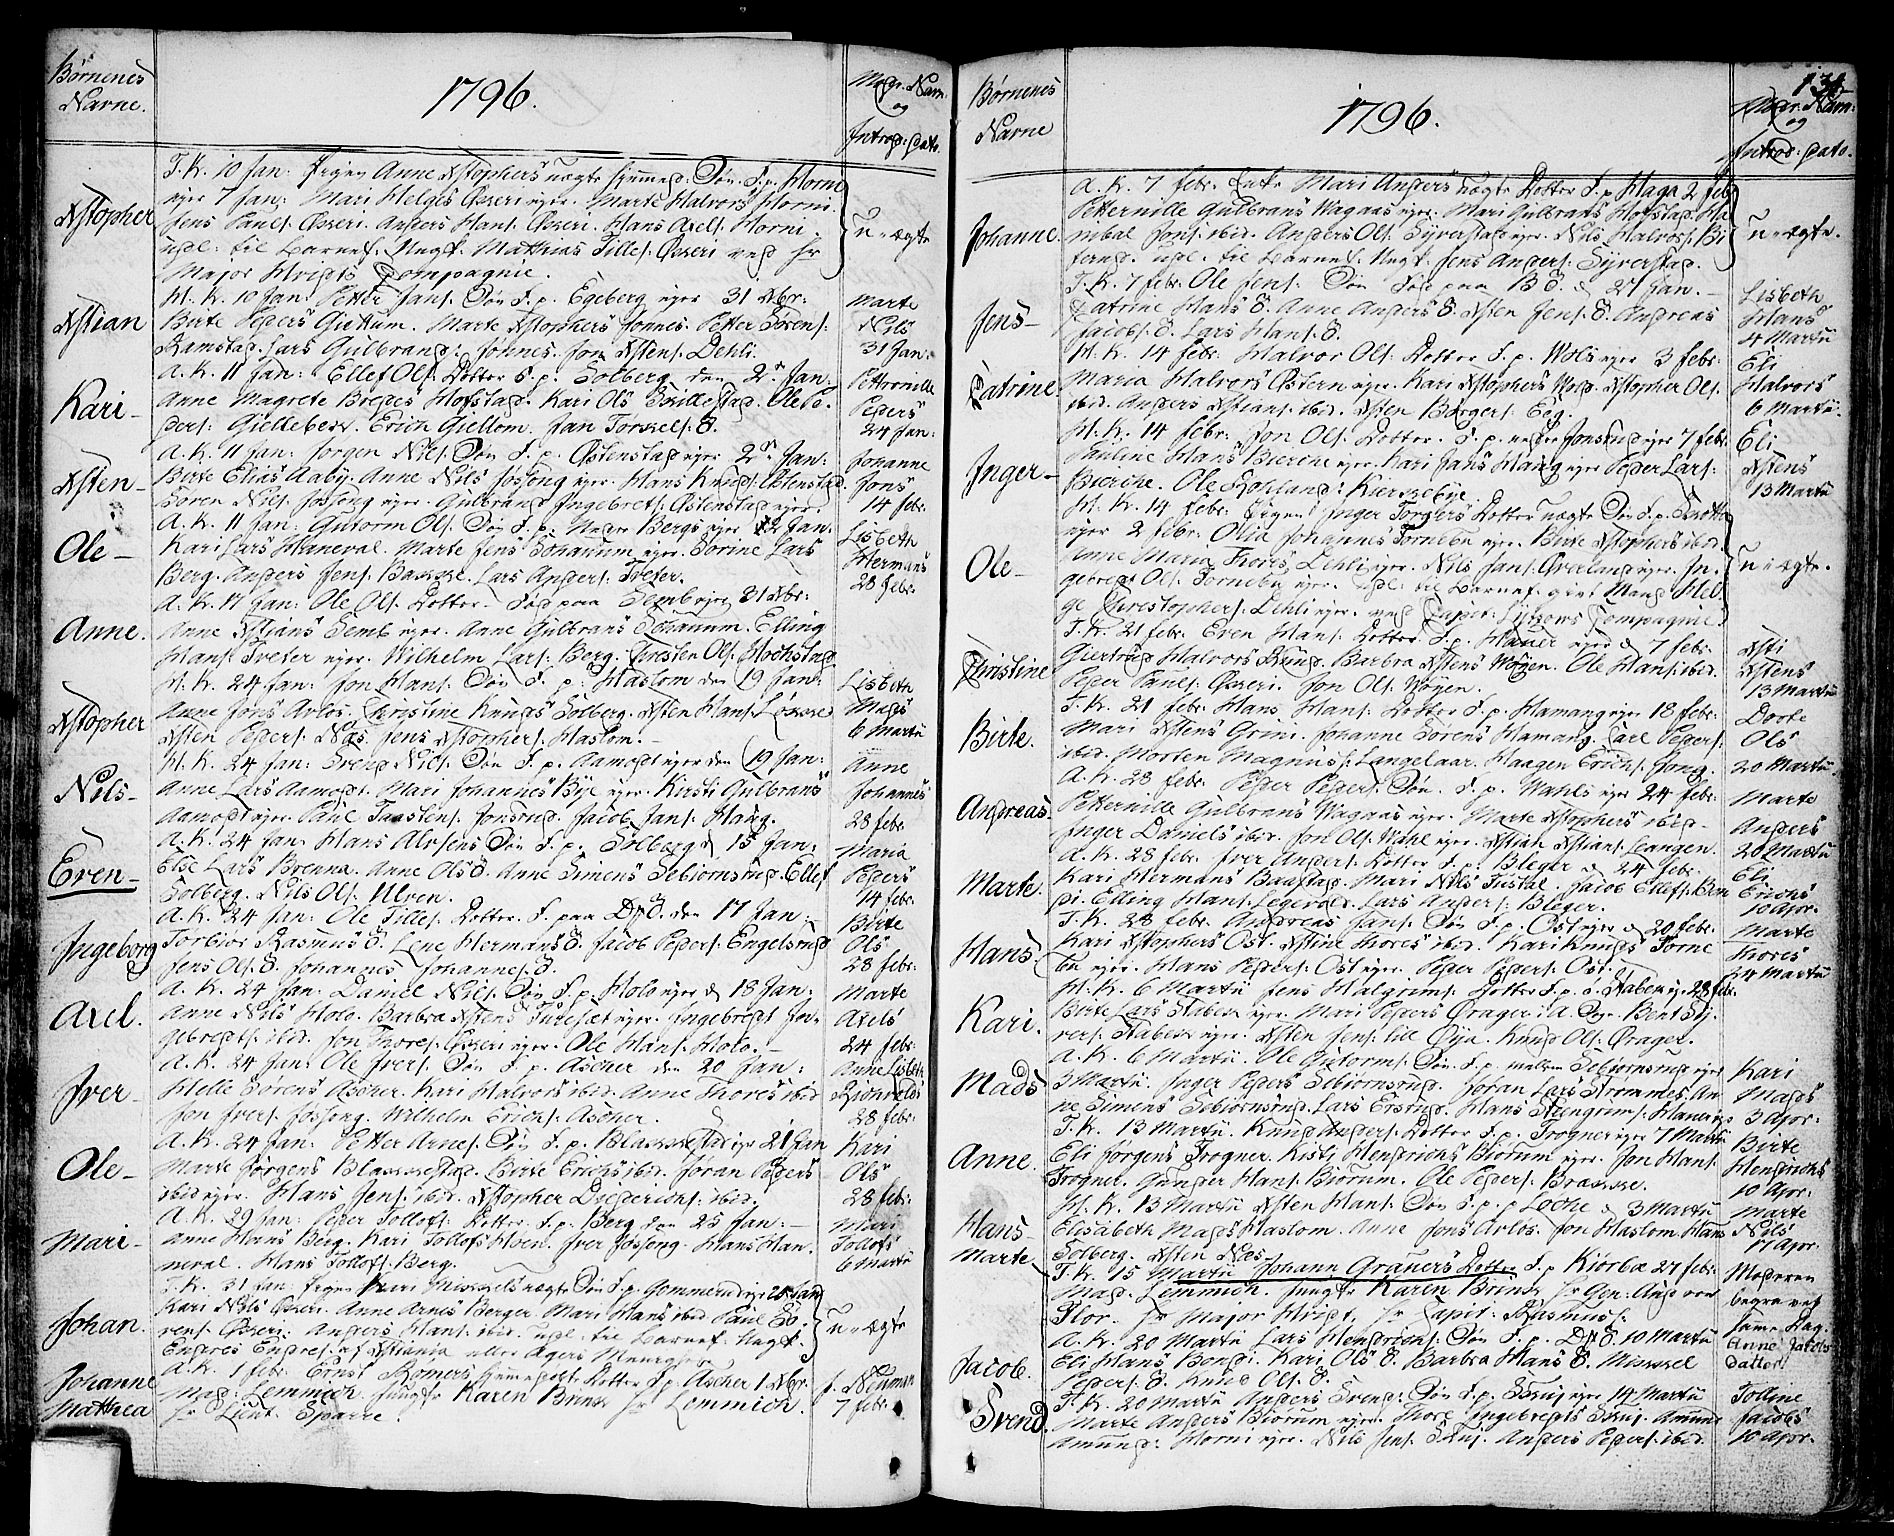 SAO, Asker prestekontor Kirkebøker, F/Fa/L0003: Ministerialbok nr. I 3, 1767-1807, s. 134